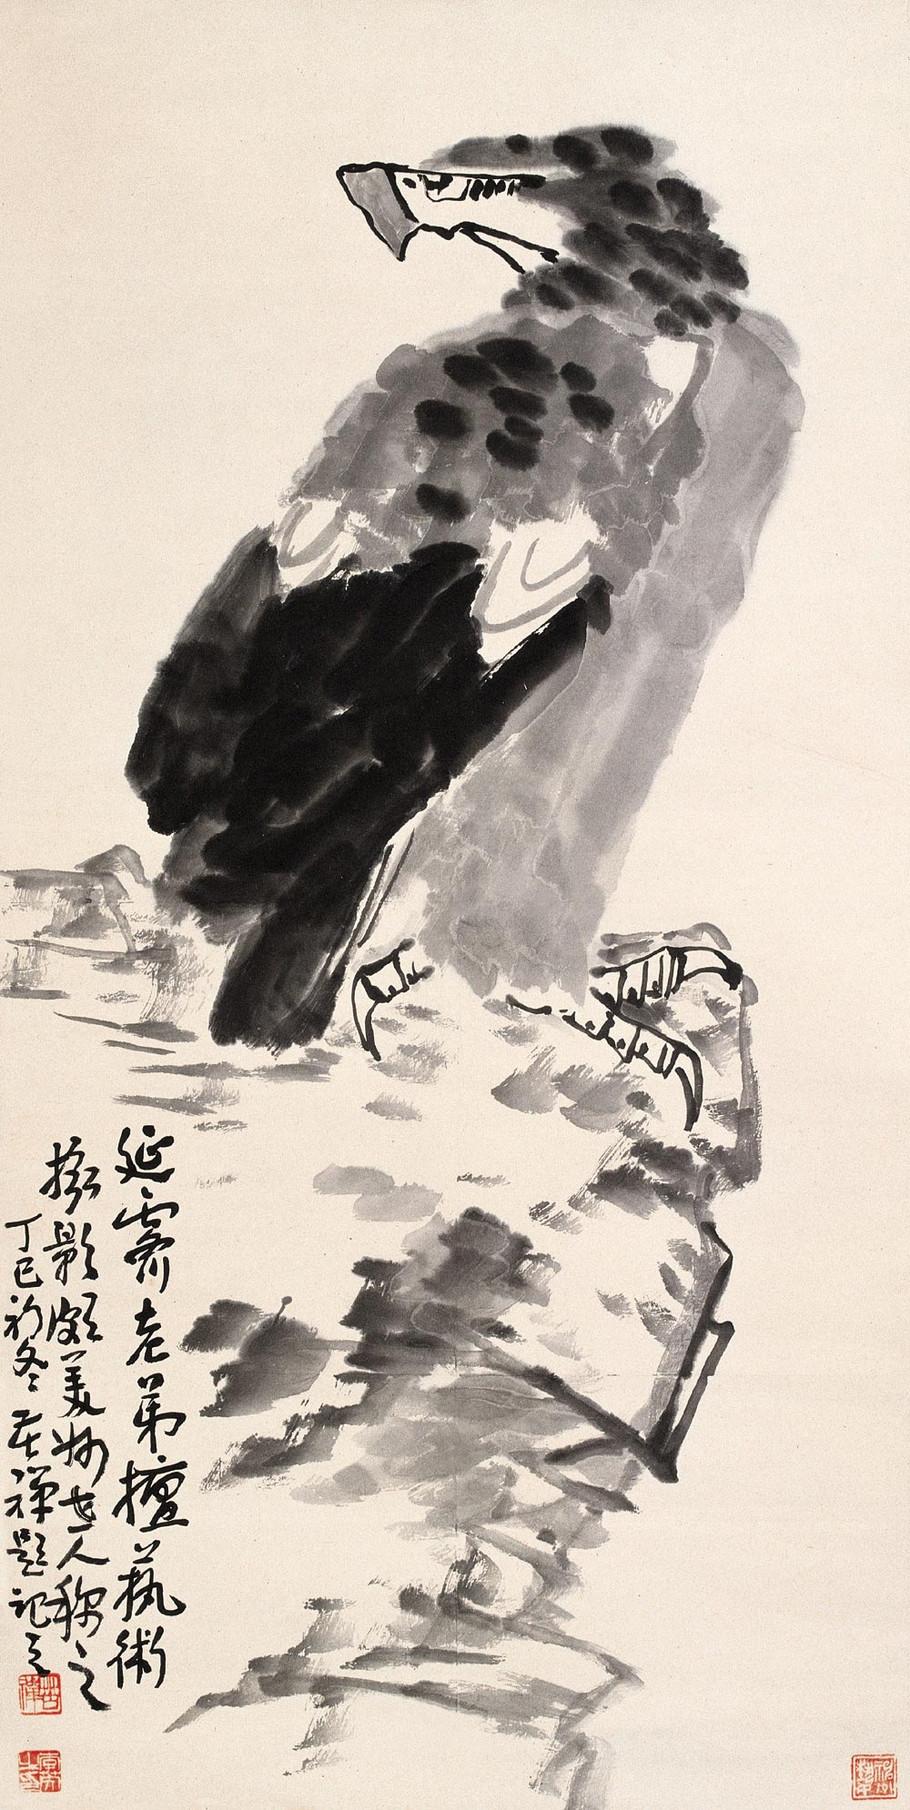 1983年6月11日,画家李苦禅逝世.图片